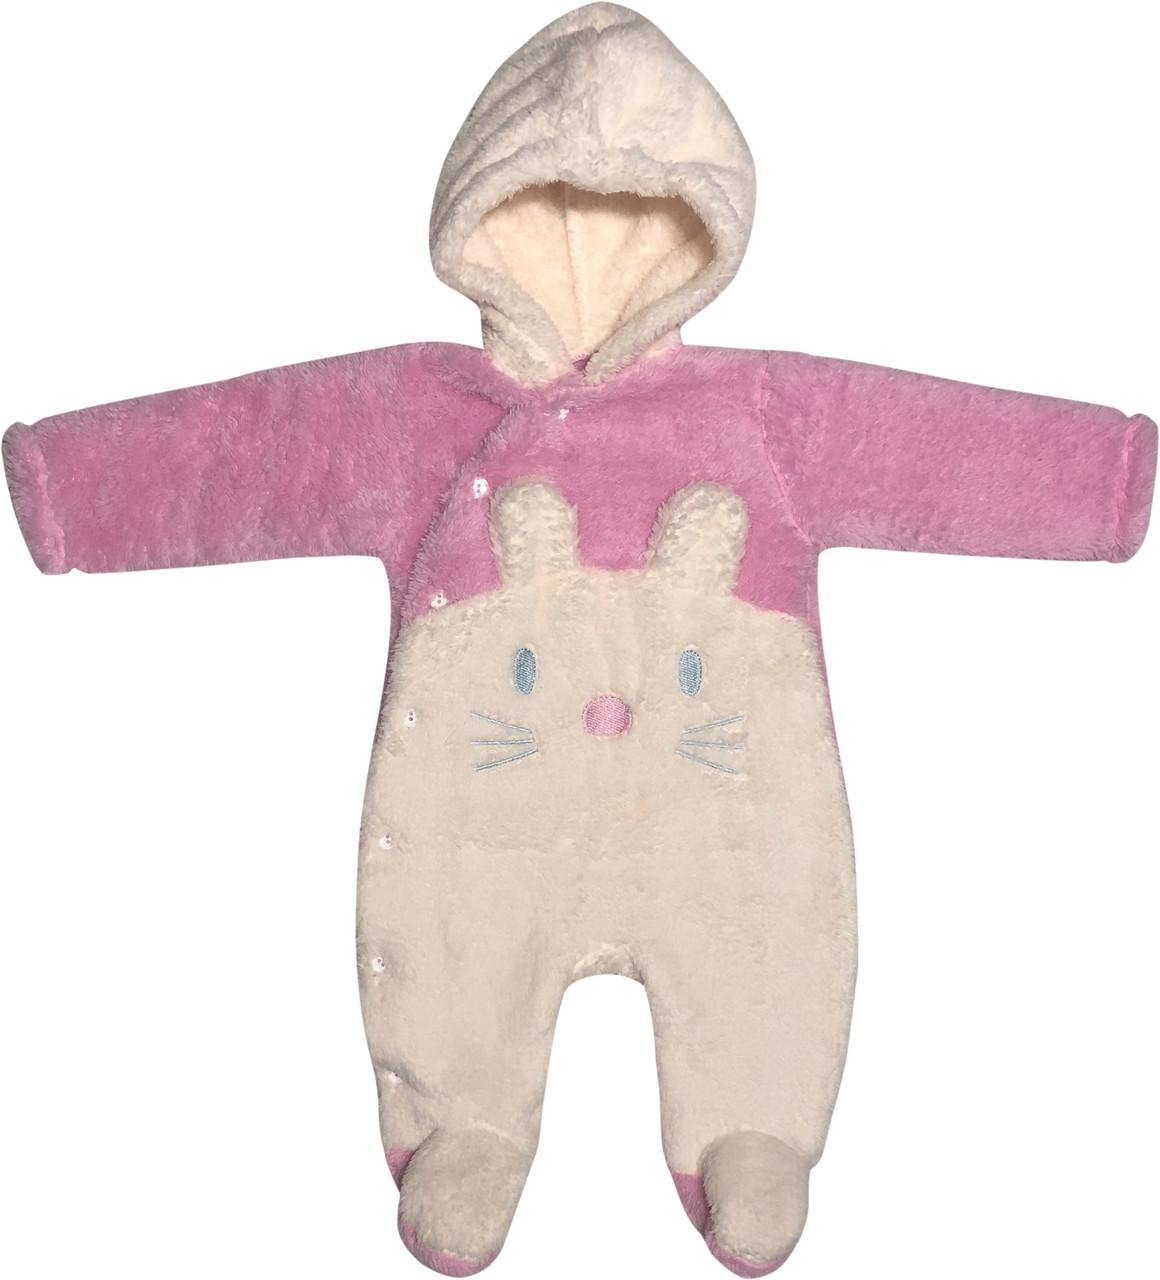 Дитячий теплий чоловічок зростання 74 (6-9 міс.) махра рожевий на дівчинку (сліп) з капюшоном для